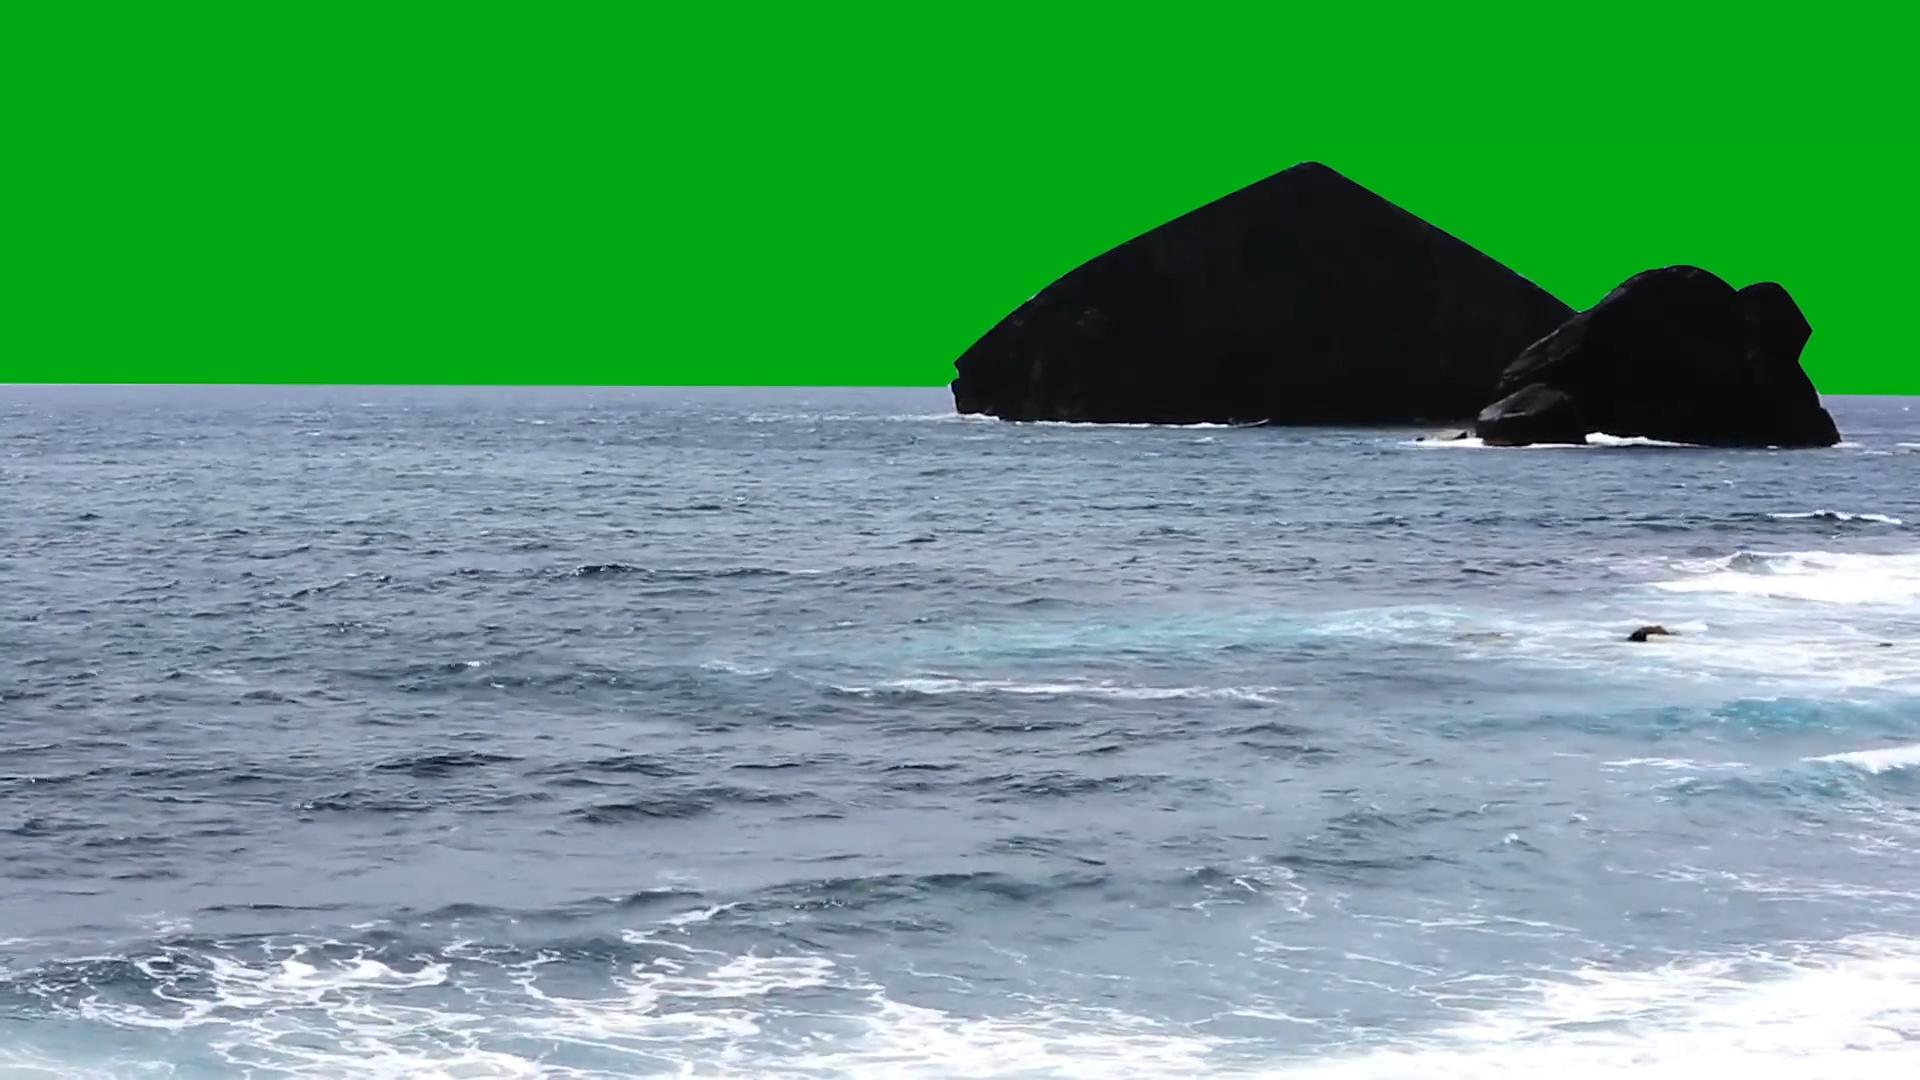 绿屏抠像大海岩石